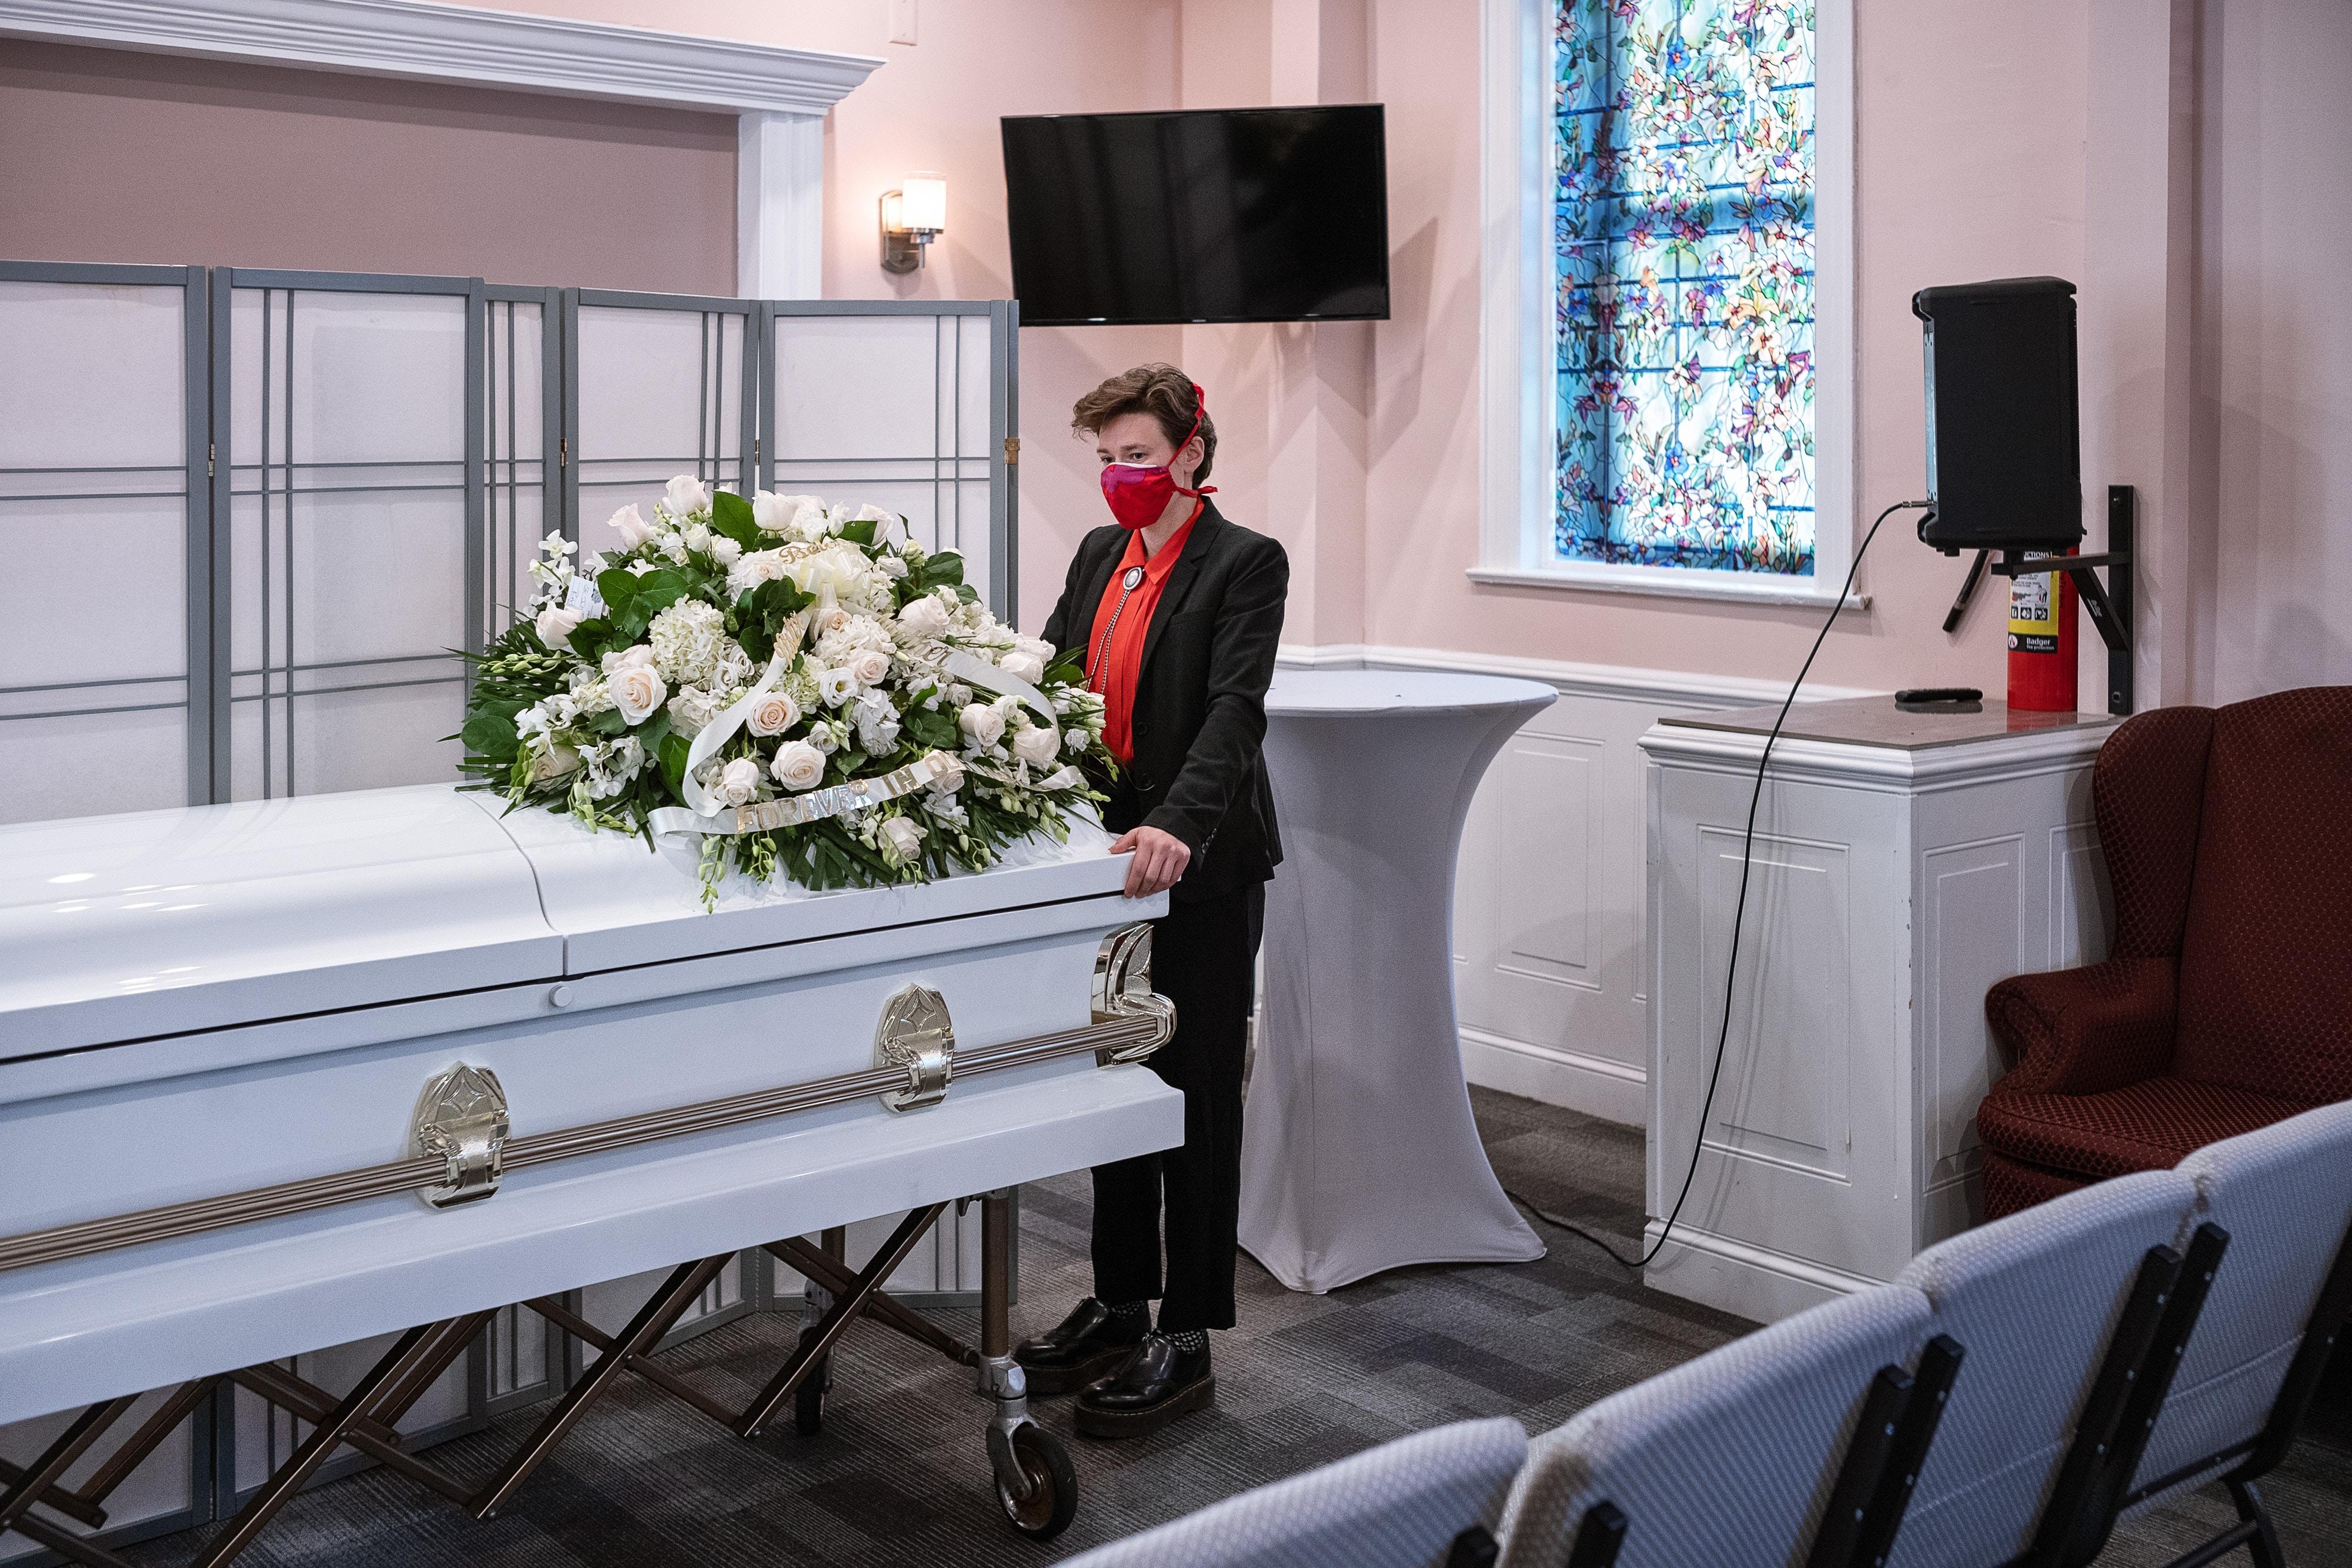 Lily Sage Weinrieb se prepara para transportar um caixão após um velório em 5 de maio de 2020, na cidade de Nova York.